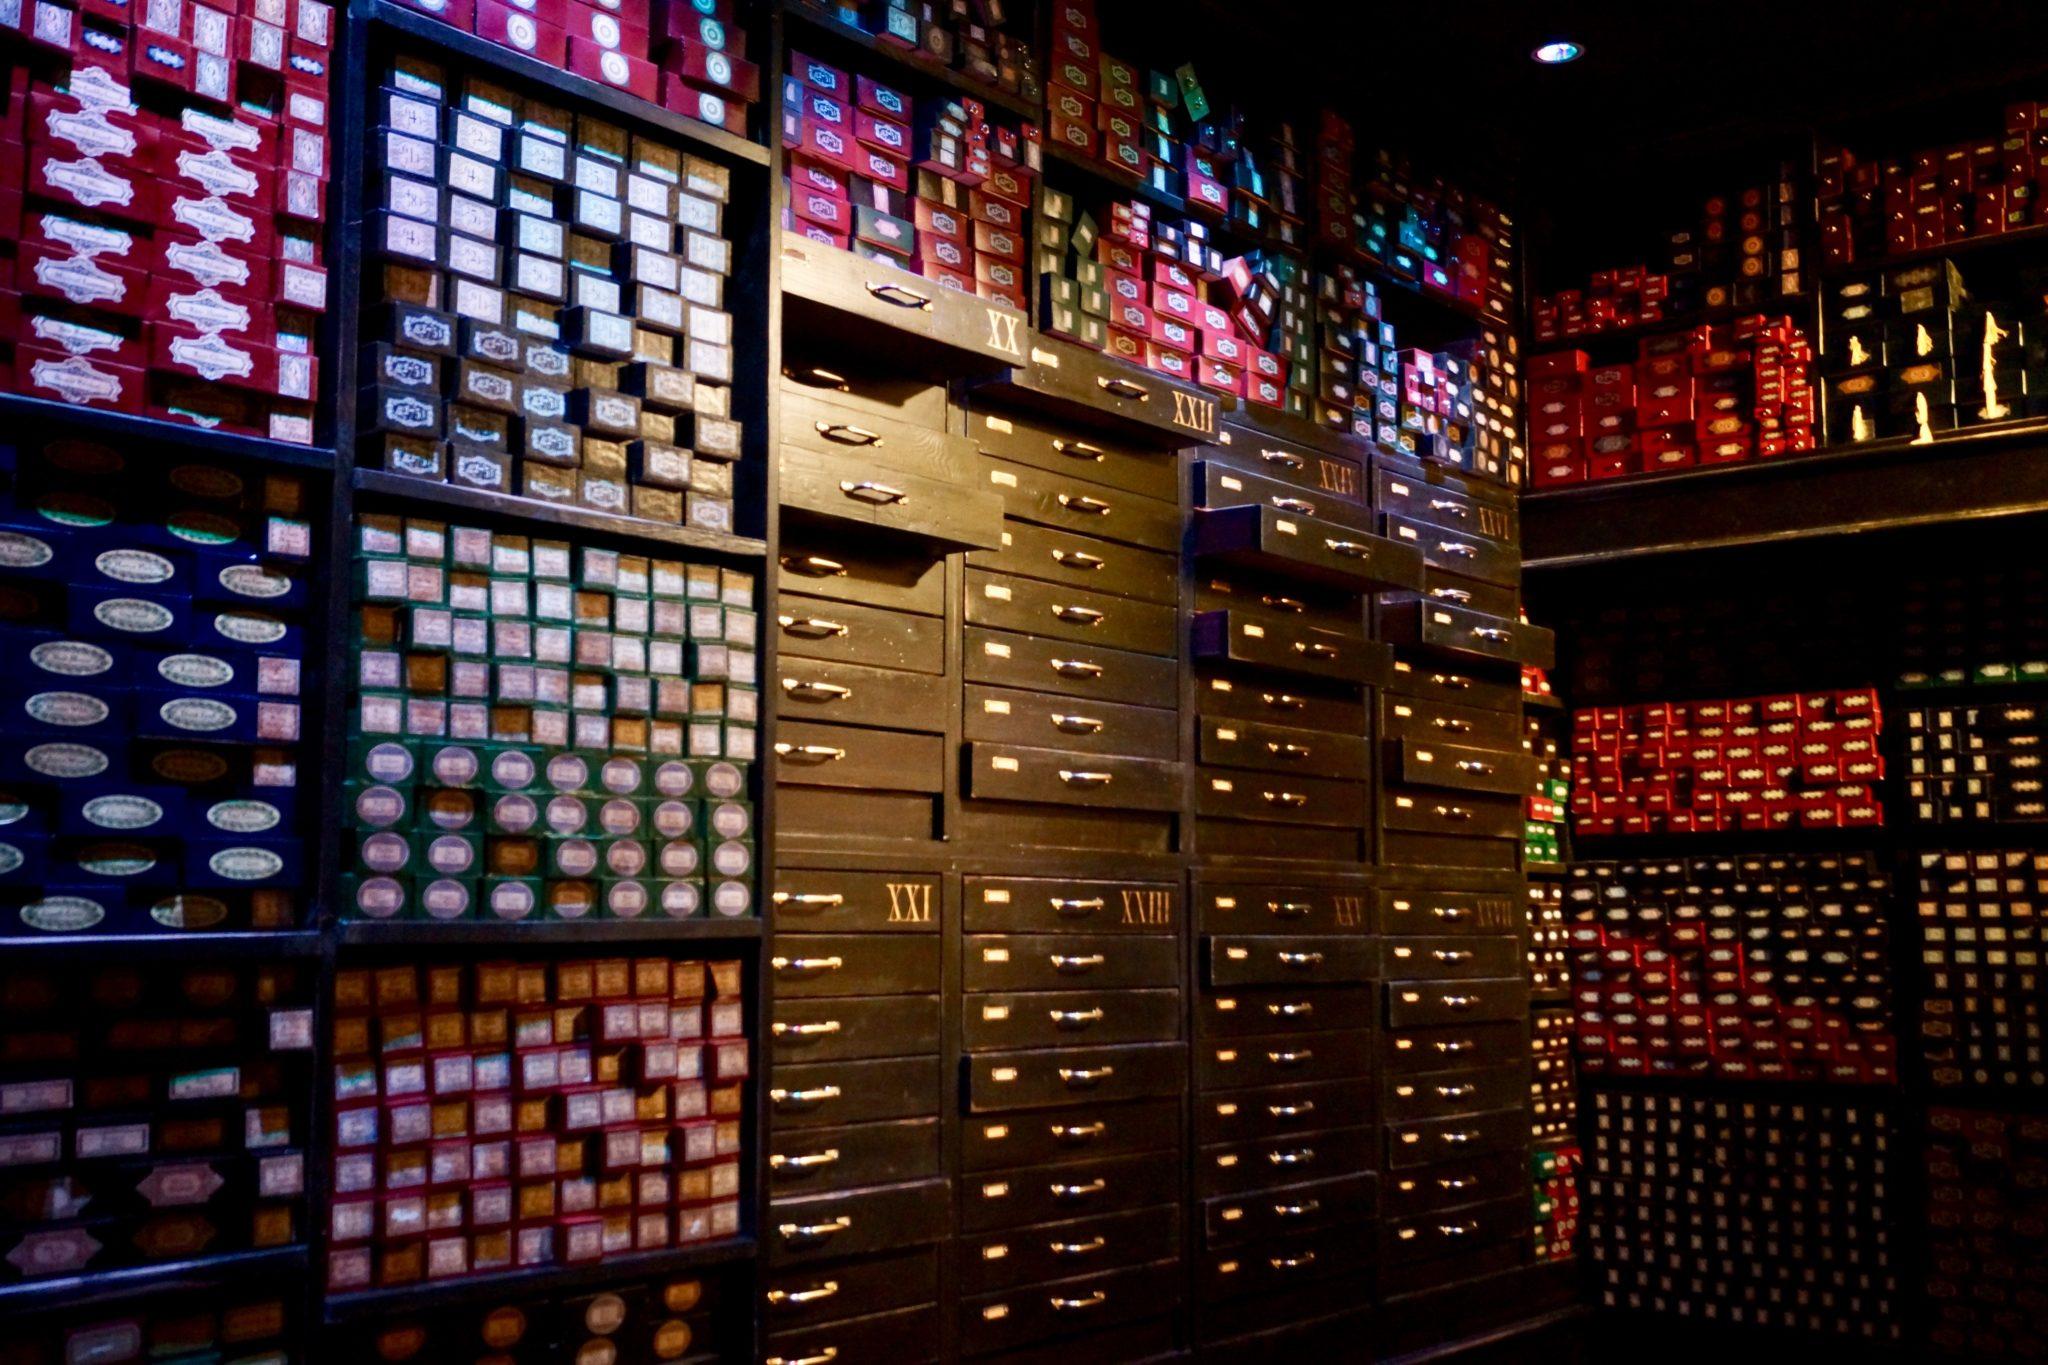 Harry Potter Studio Tour Gift Shop